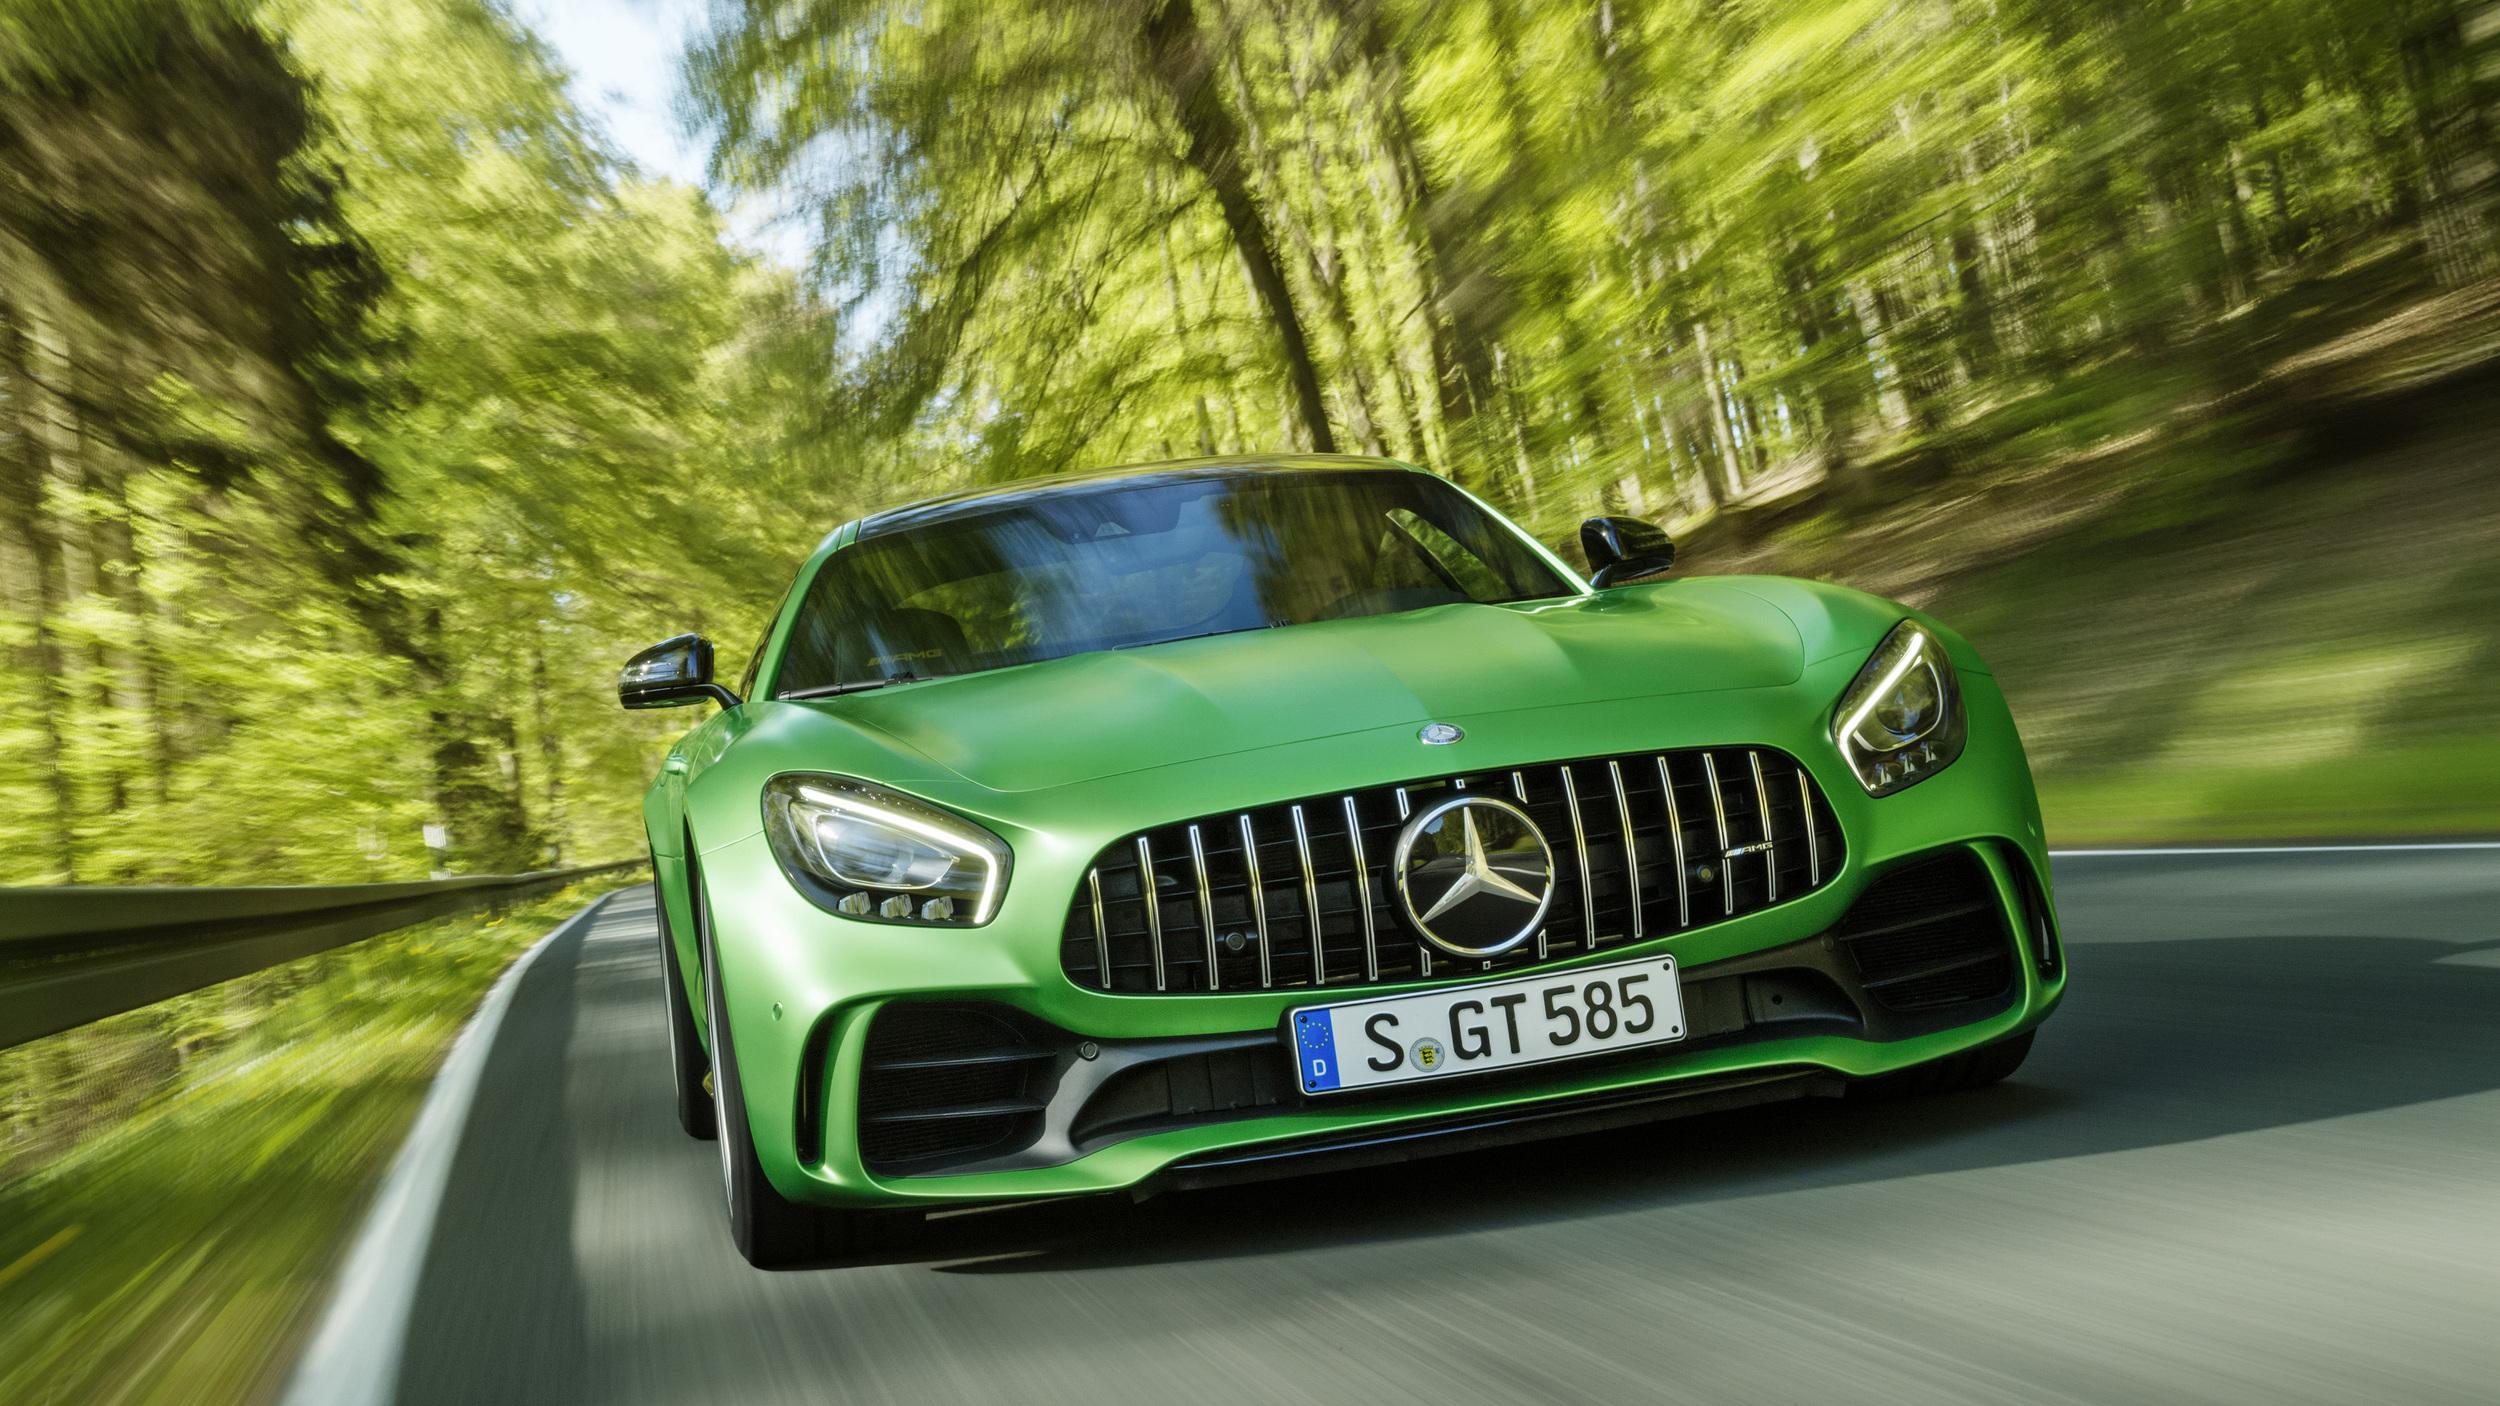 Mercedes Amg Gt R Um Monstro Verde De 585 Cv Que Veio